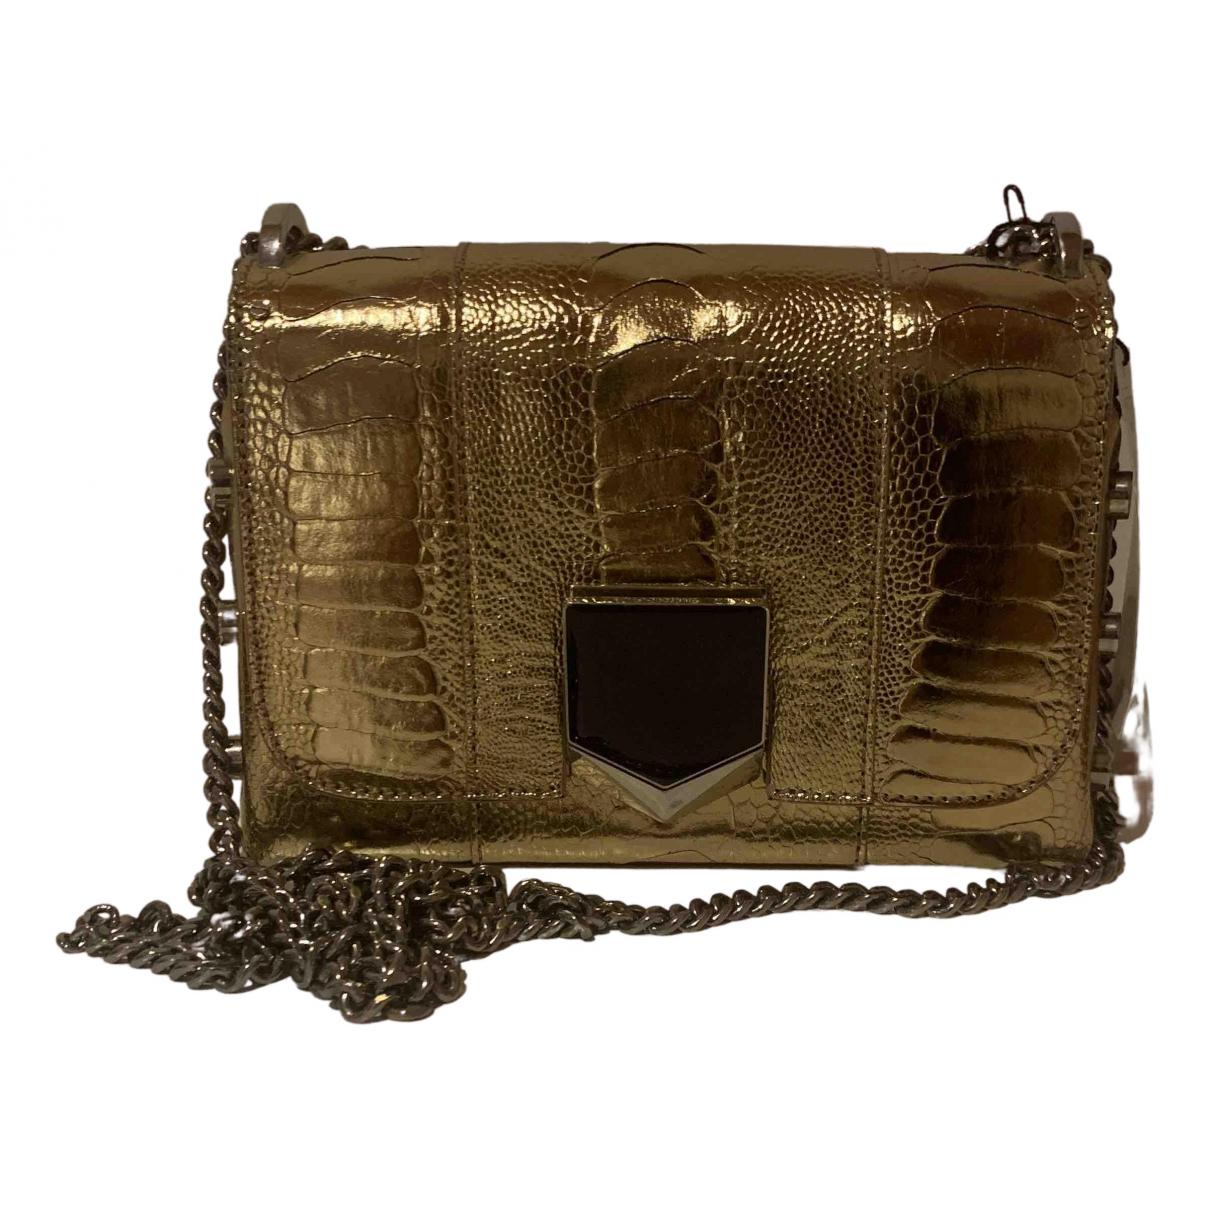 Jimmy Choo Lockett Gold Ostrich handbag for Women N